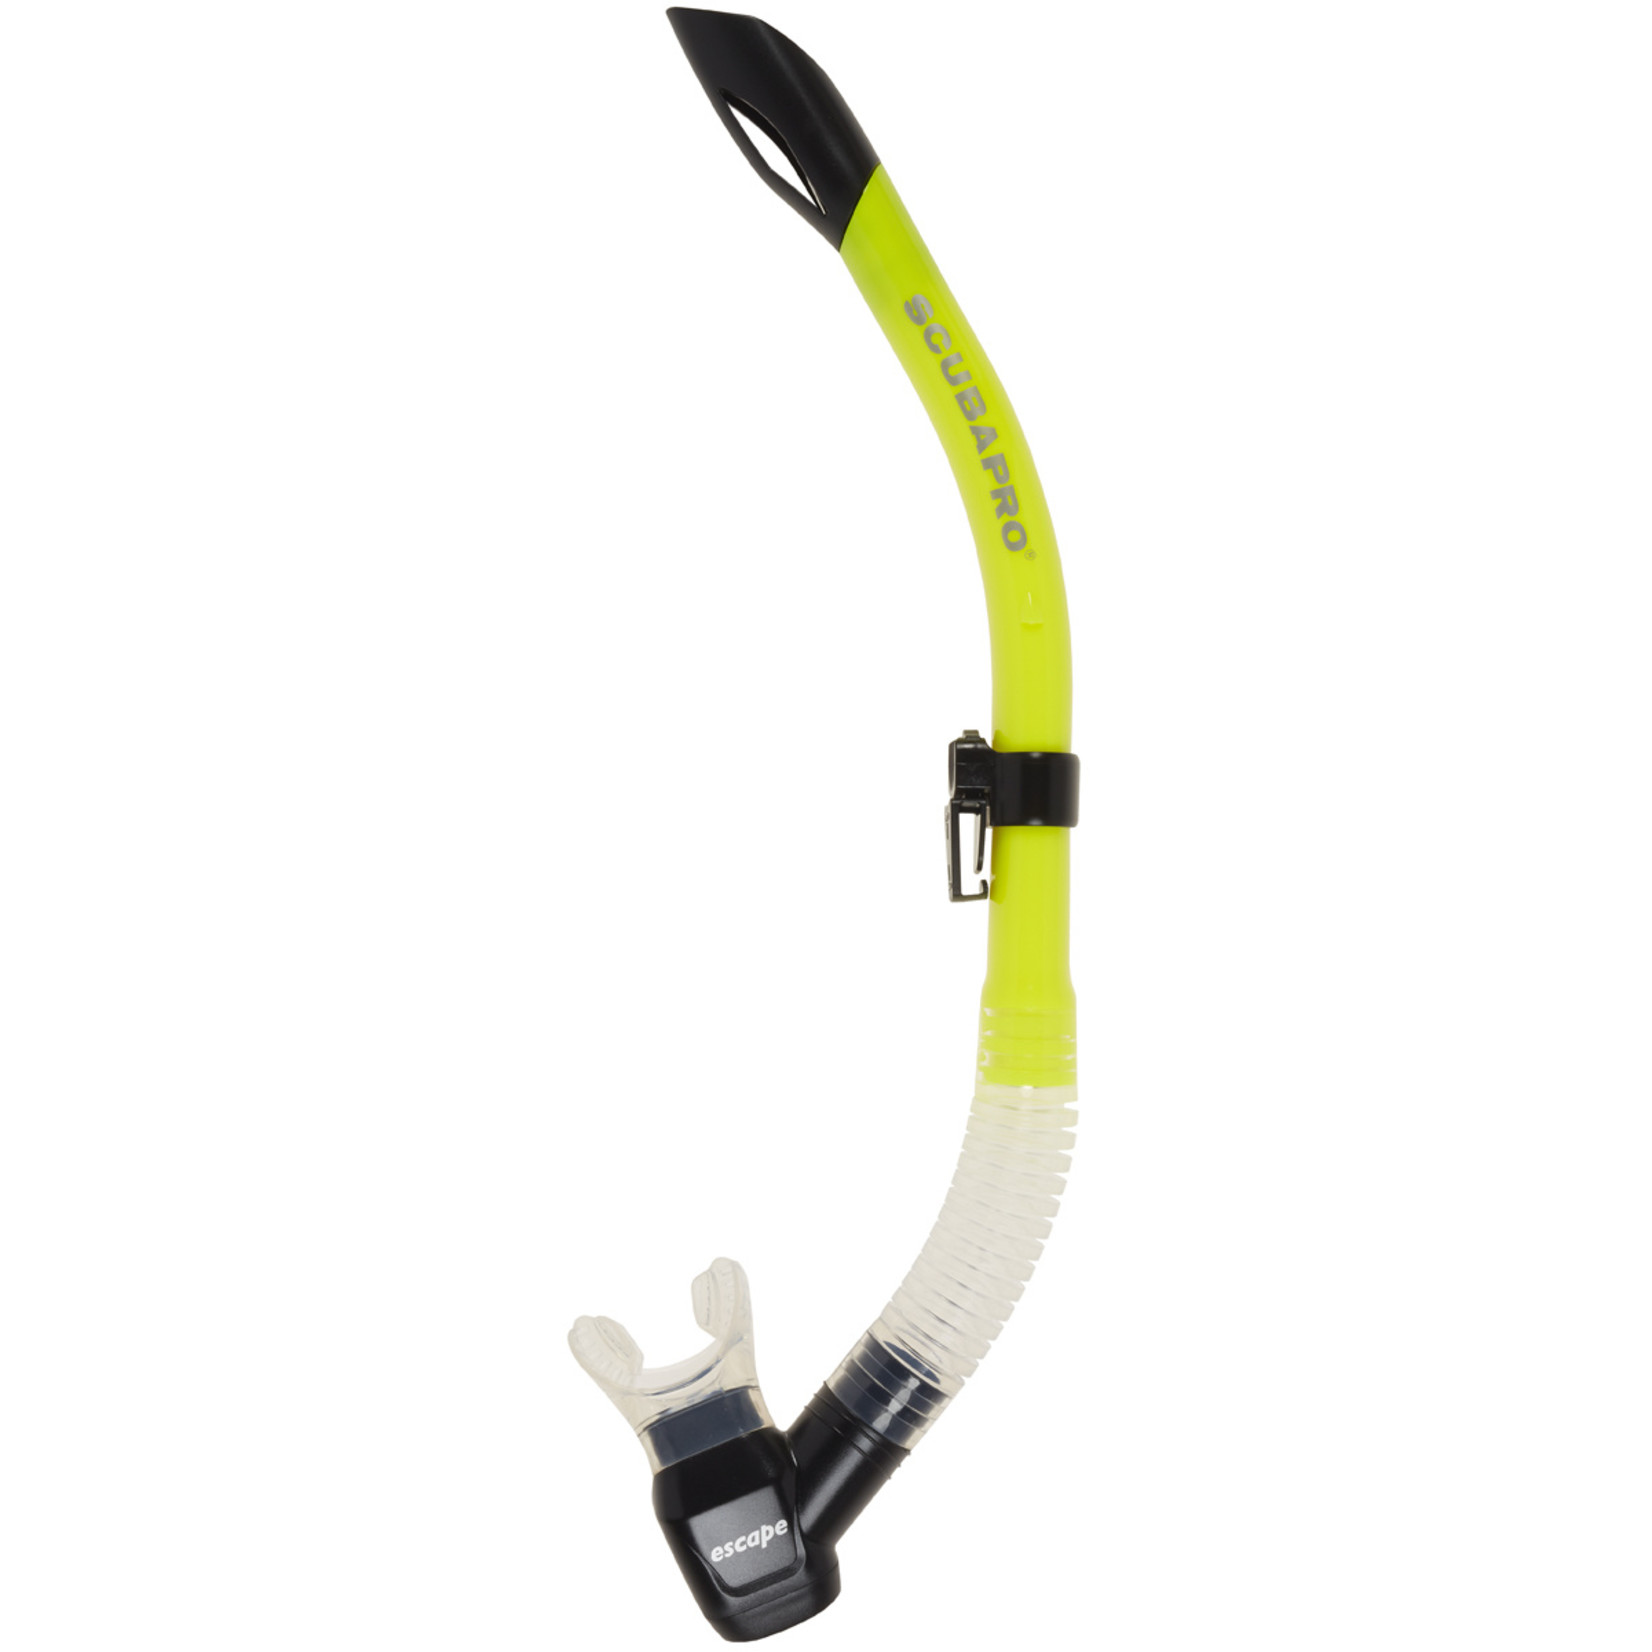 Scubapro ESCAPE Snorkel